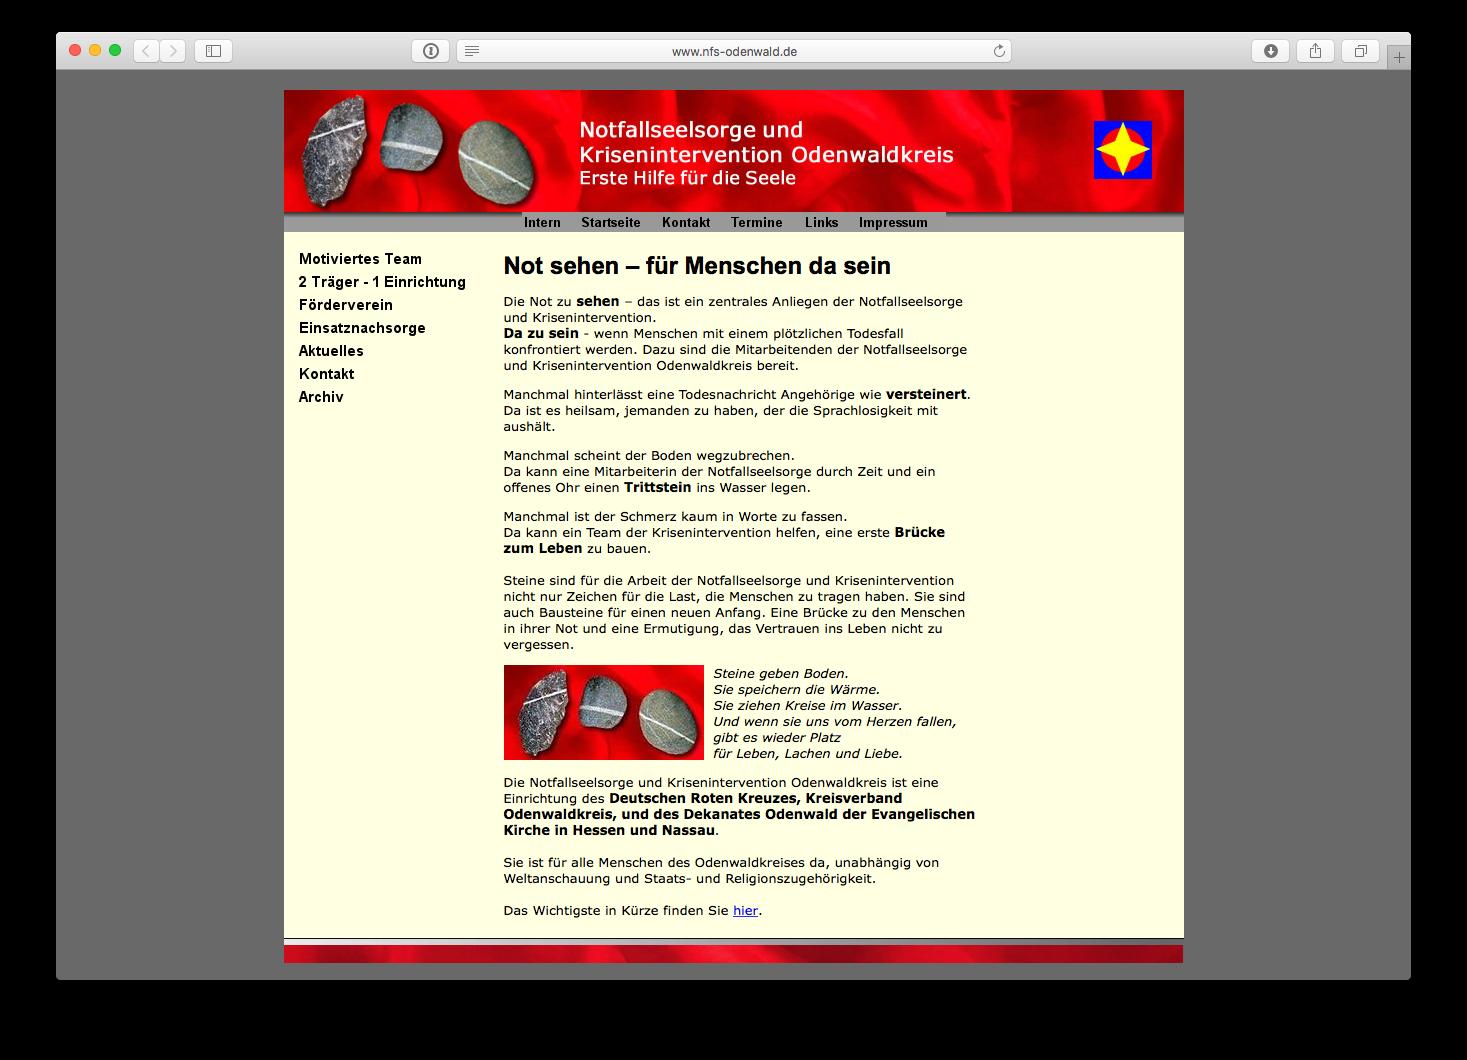 Notfallseelsorge und Krisenintervention Odenwaldkreis